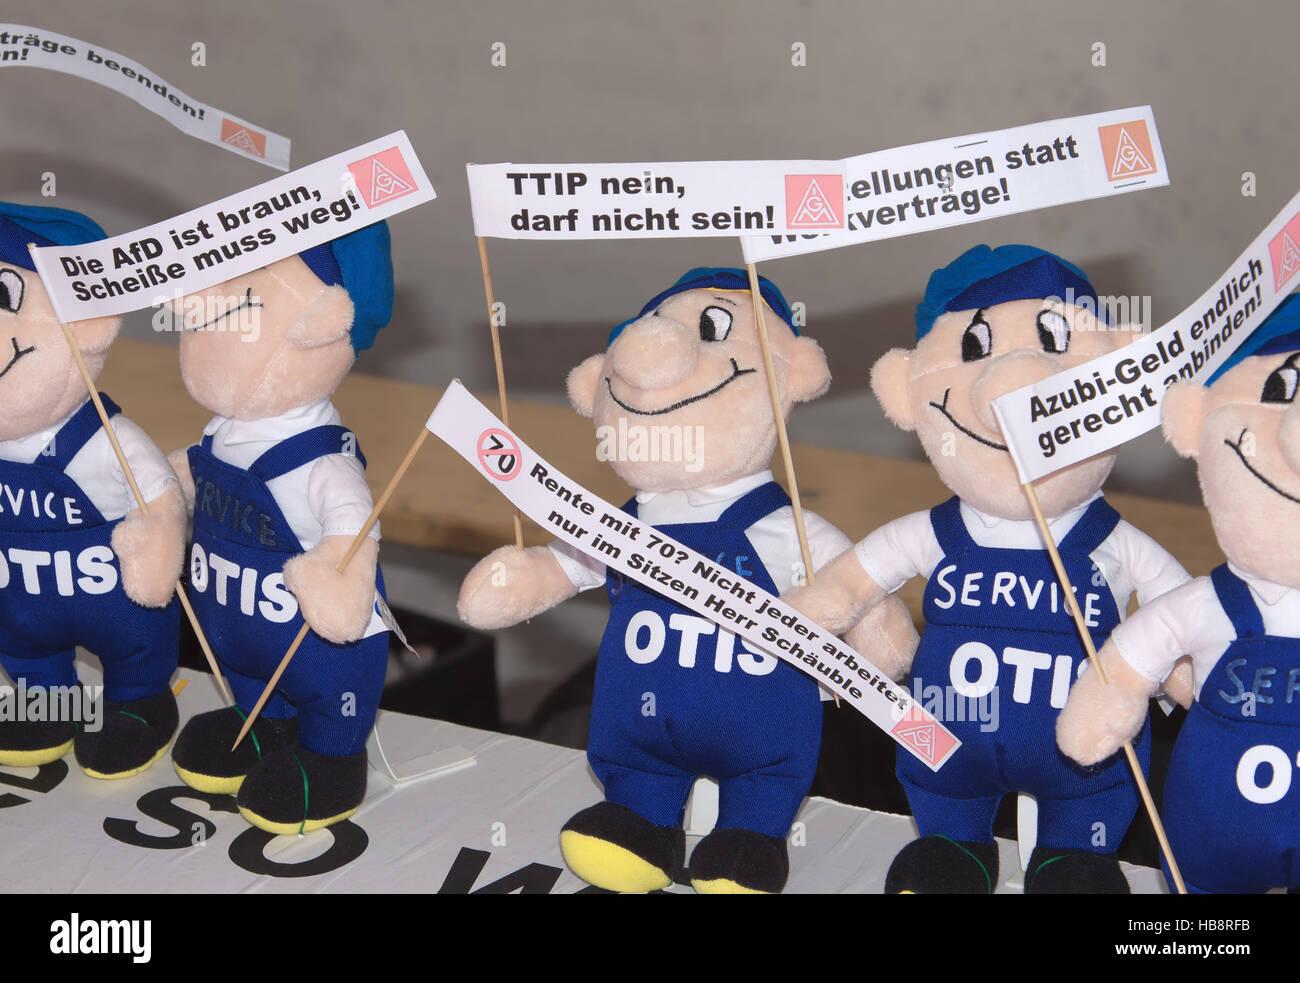 Otis Stock Photo